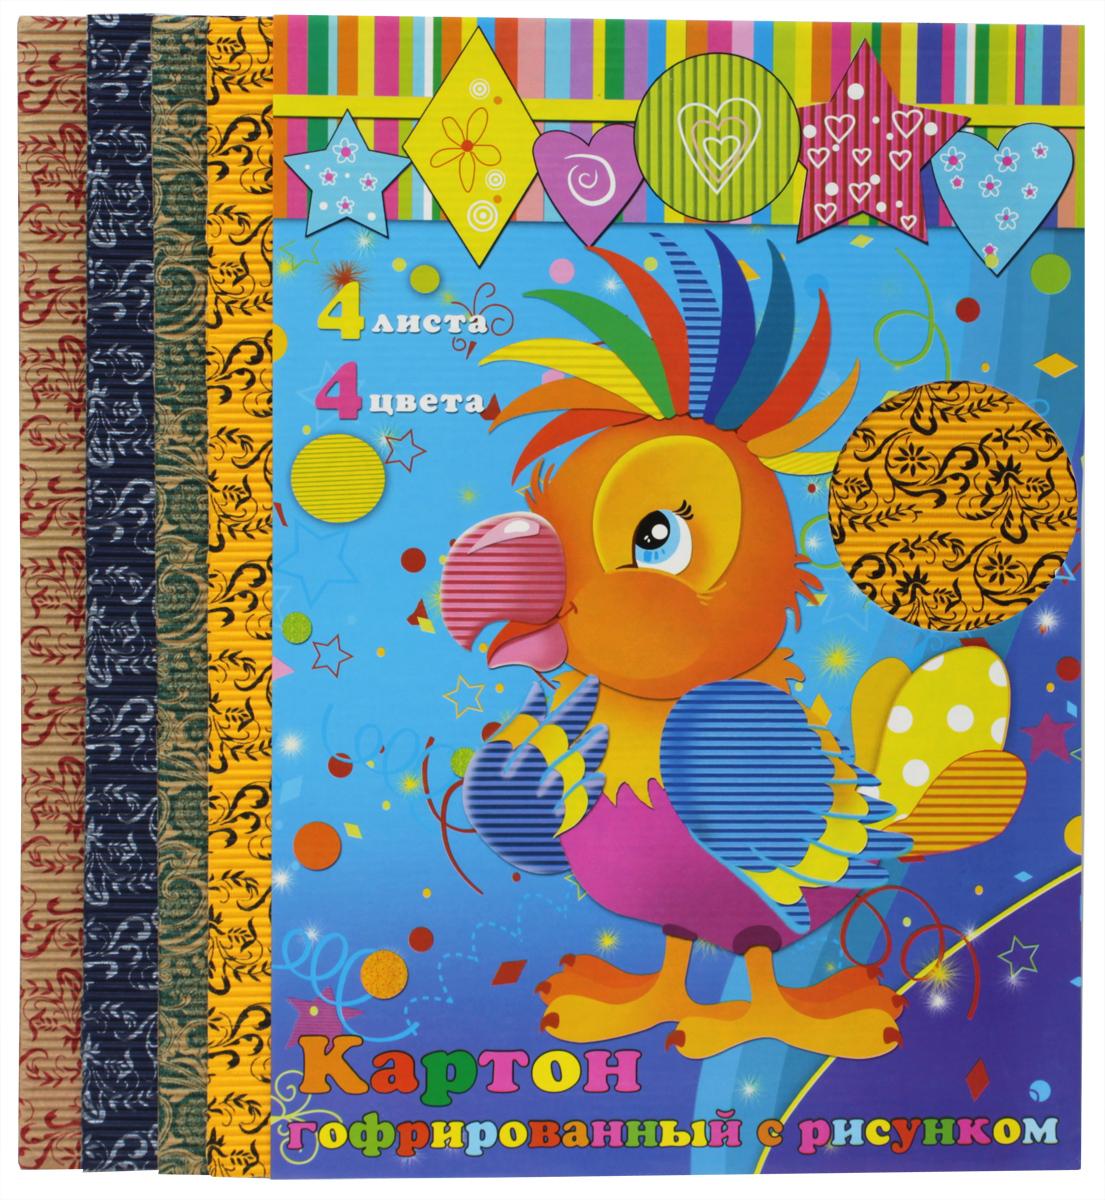 Феникс+ Гофрированный цветной картон с рисунком 4 листа28578Набор гофрированного цветного картона Феникс+ позволит создавать всевозможные аппликации и поделки. Набор включает 4 листа гофрированного двухслойного картона с рисунком. Цвета в наборе: зеленый, синий, желтый, бежевый. Гофрированный картон может использоваться для упаковки, поделок, декорирования и других видов творчества.